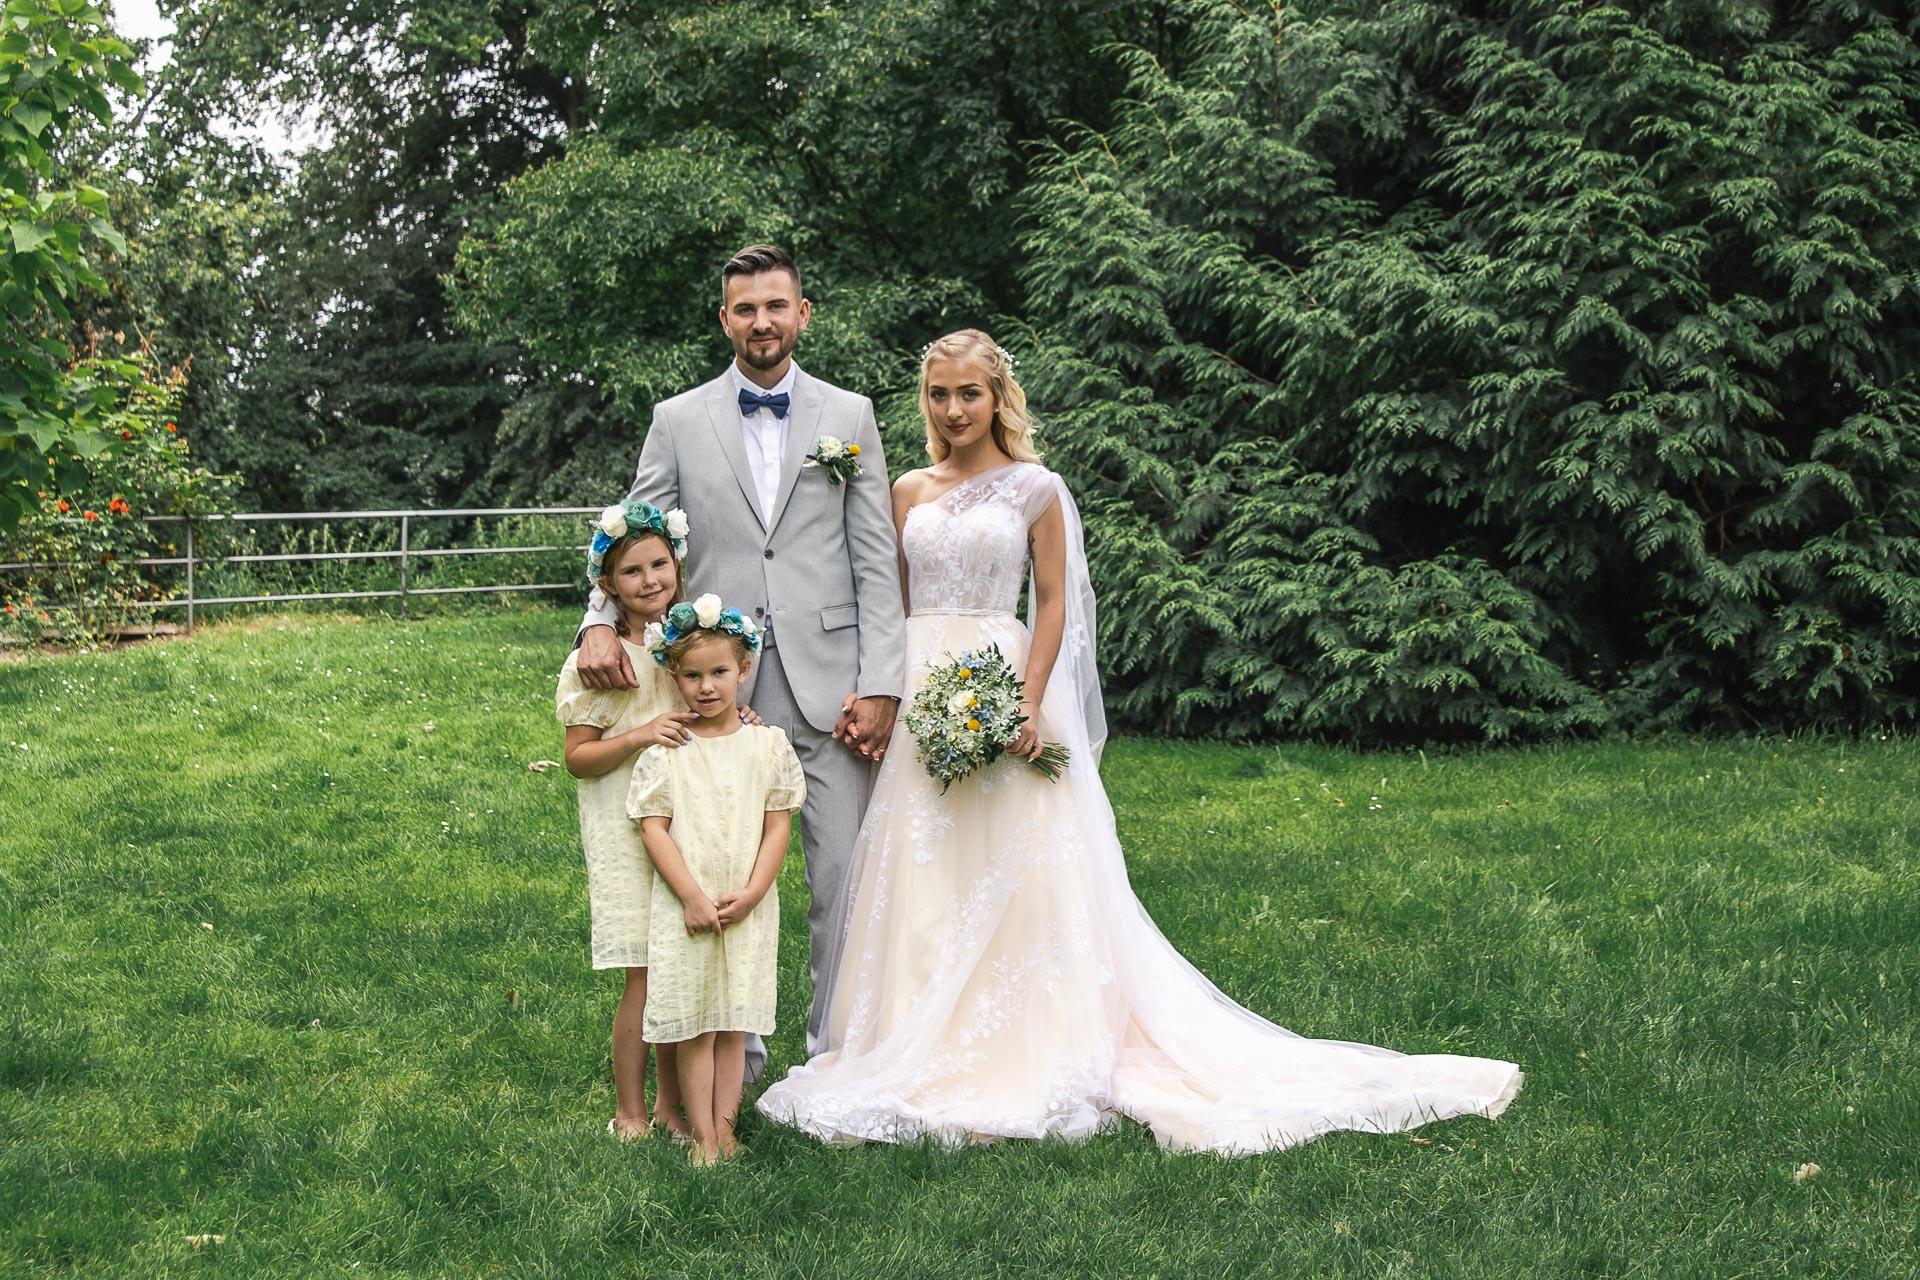 svatební-fotograf-zámek-Loučeň-svatební-video-zámek-Loučeň-3993